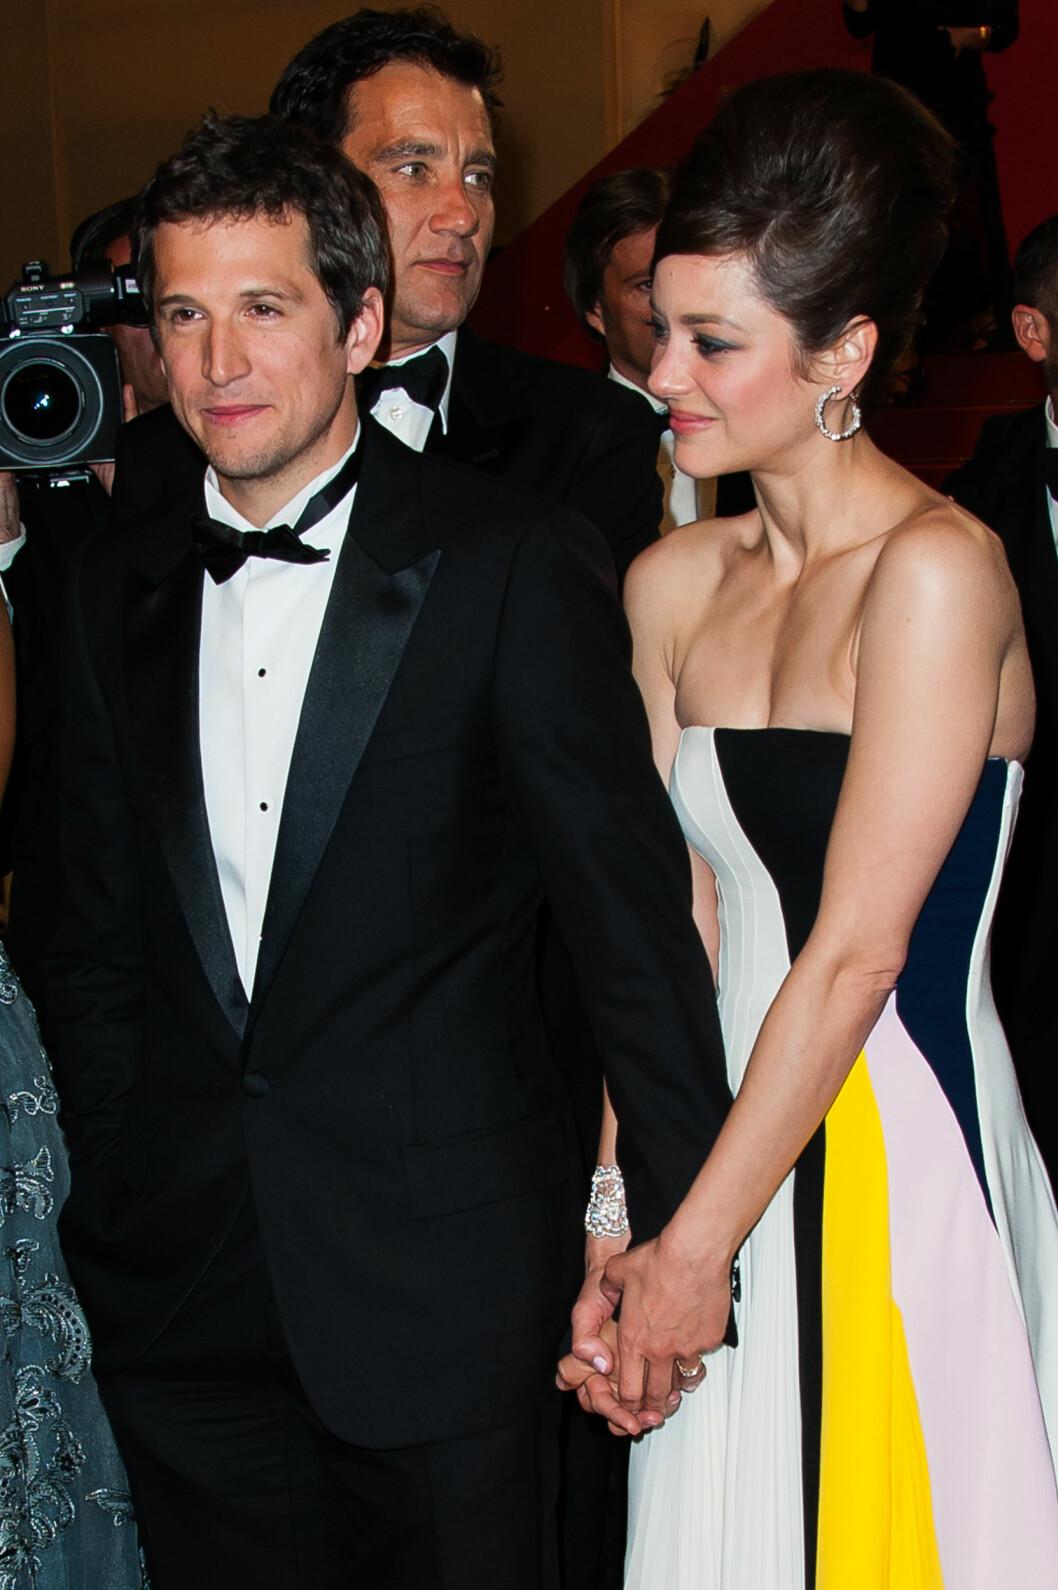 STØDIG PAR: Marion Cotillard og Guillaume Canet har vært sammen siden høsten 2007, og har en liten sønn sammen. Her er de avbildet hånd i hånd på Cannes filmfestival i 2013. Foto: Abaca